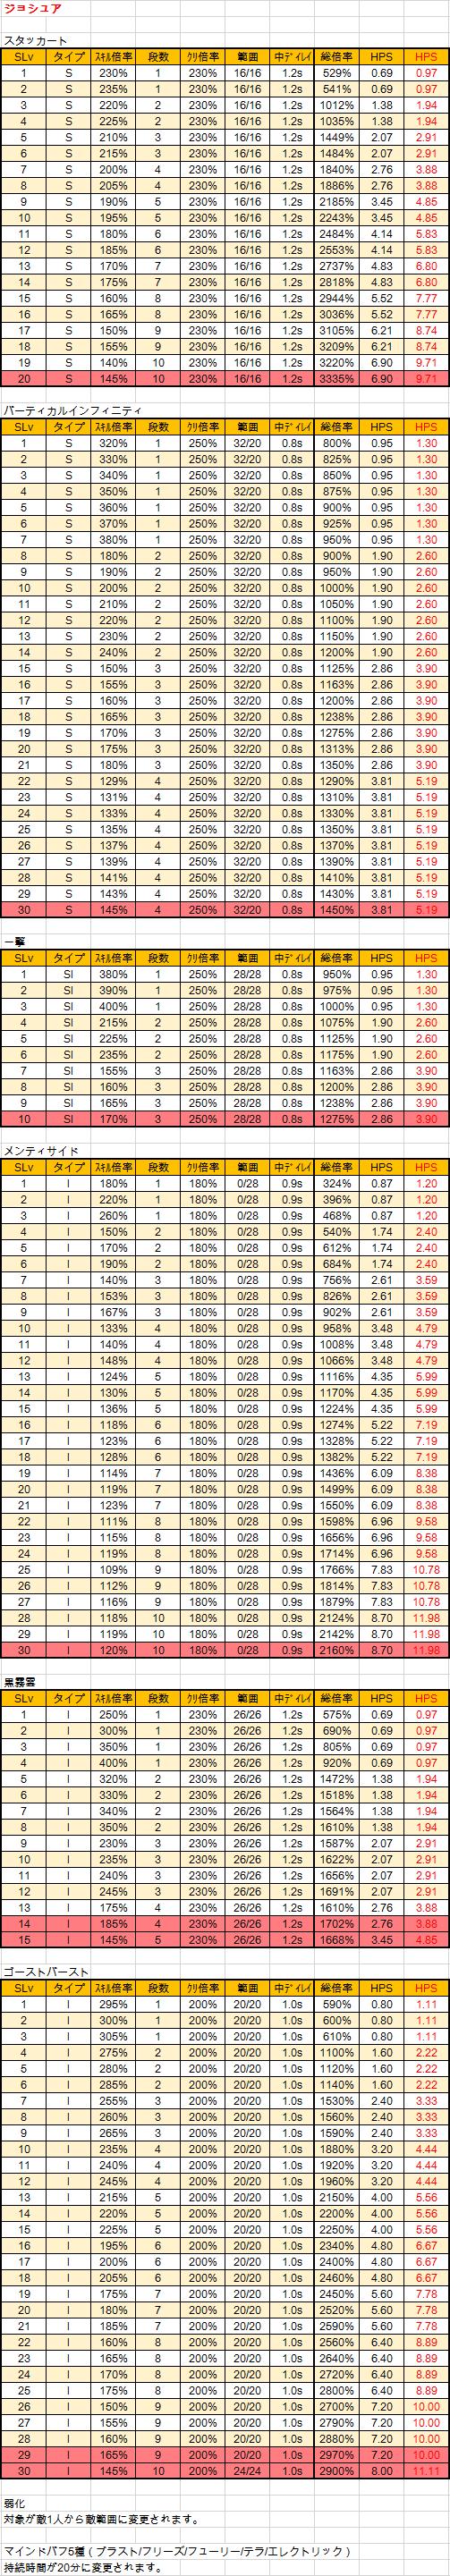 キャラクターバランシング1-2 ジョシュア